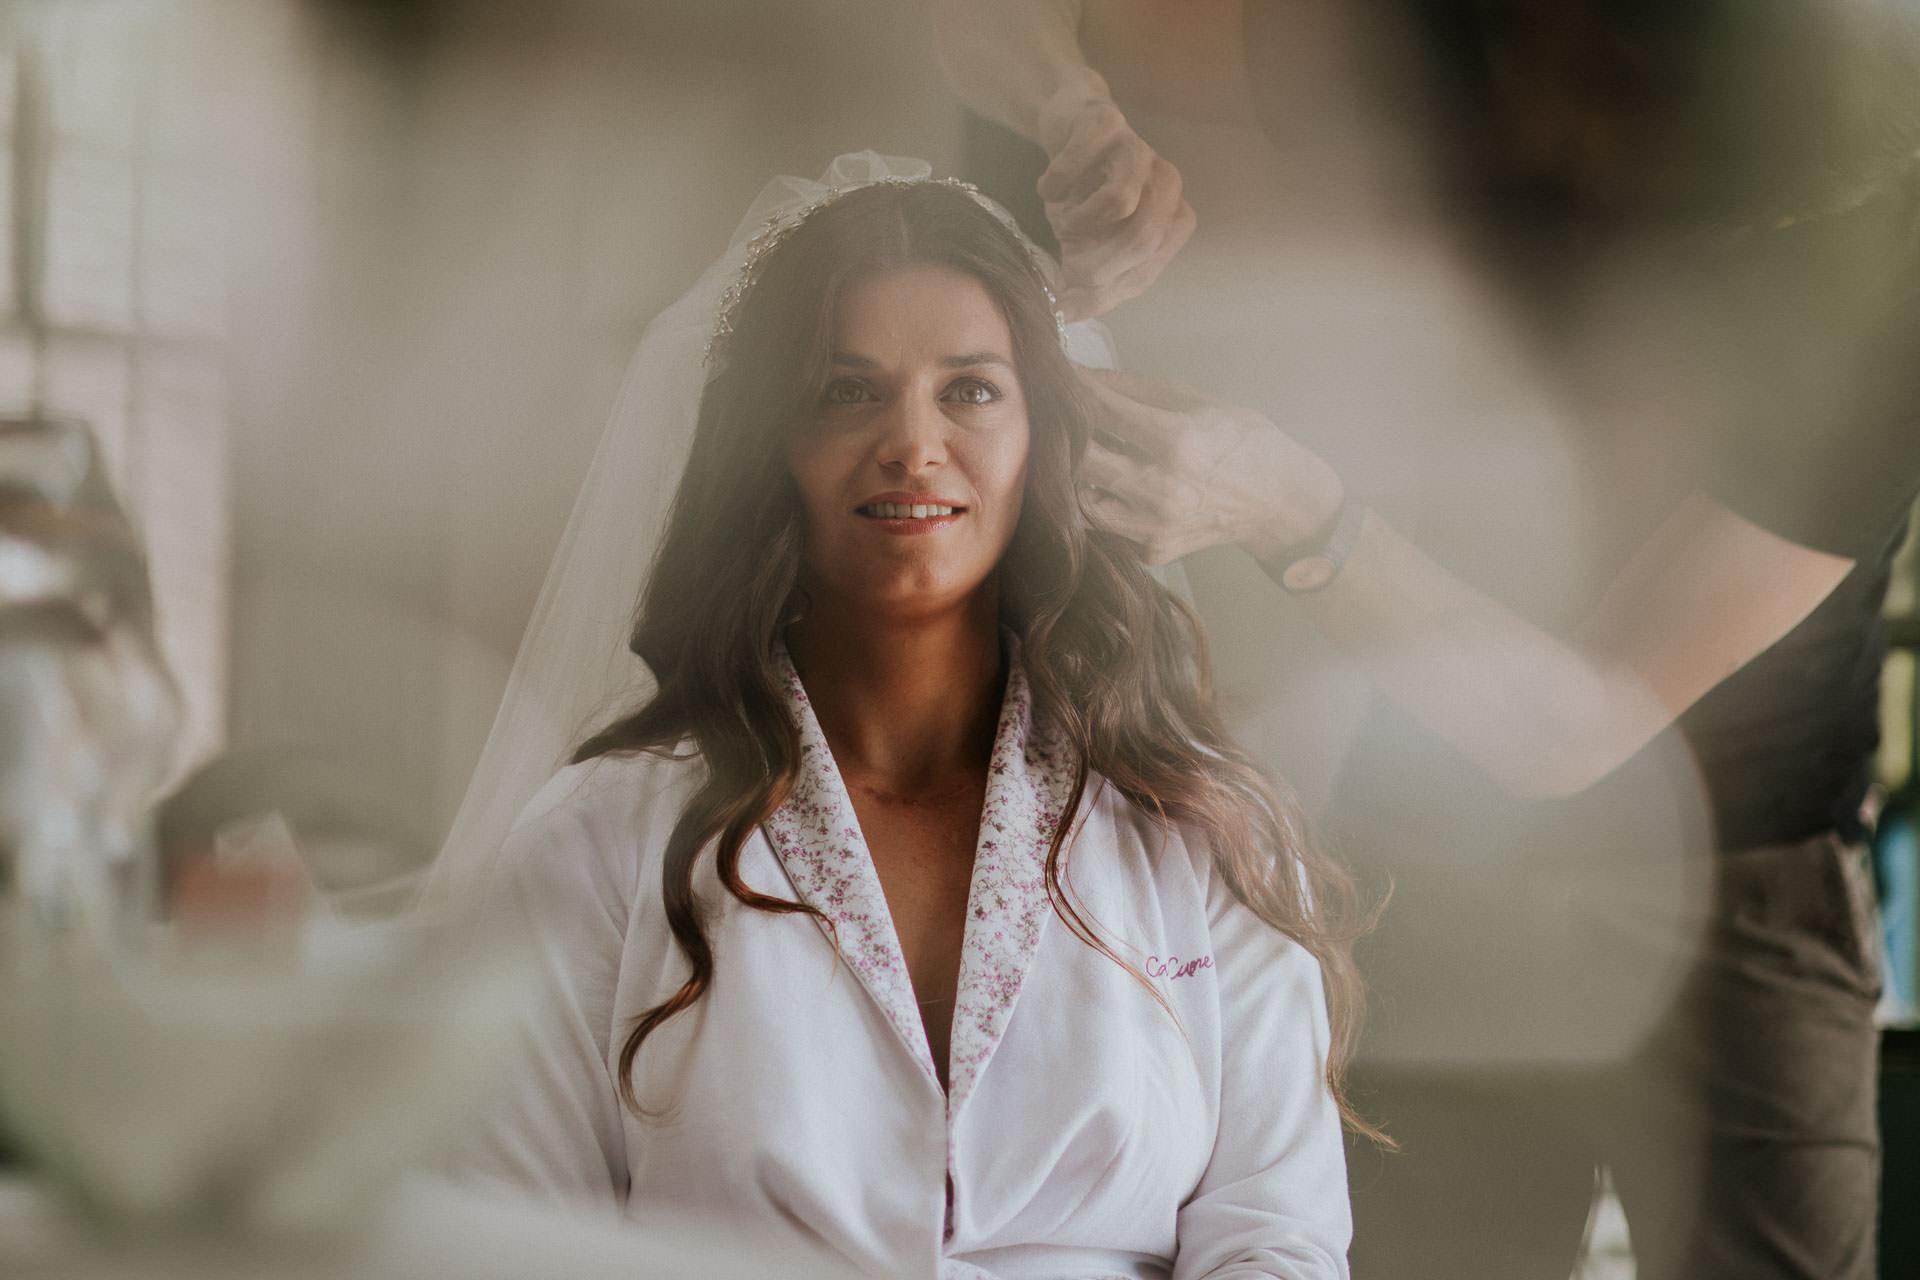 Boda en Campolobos, getting ready, fotógrafo de bodas, Norman Parunov